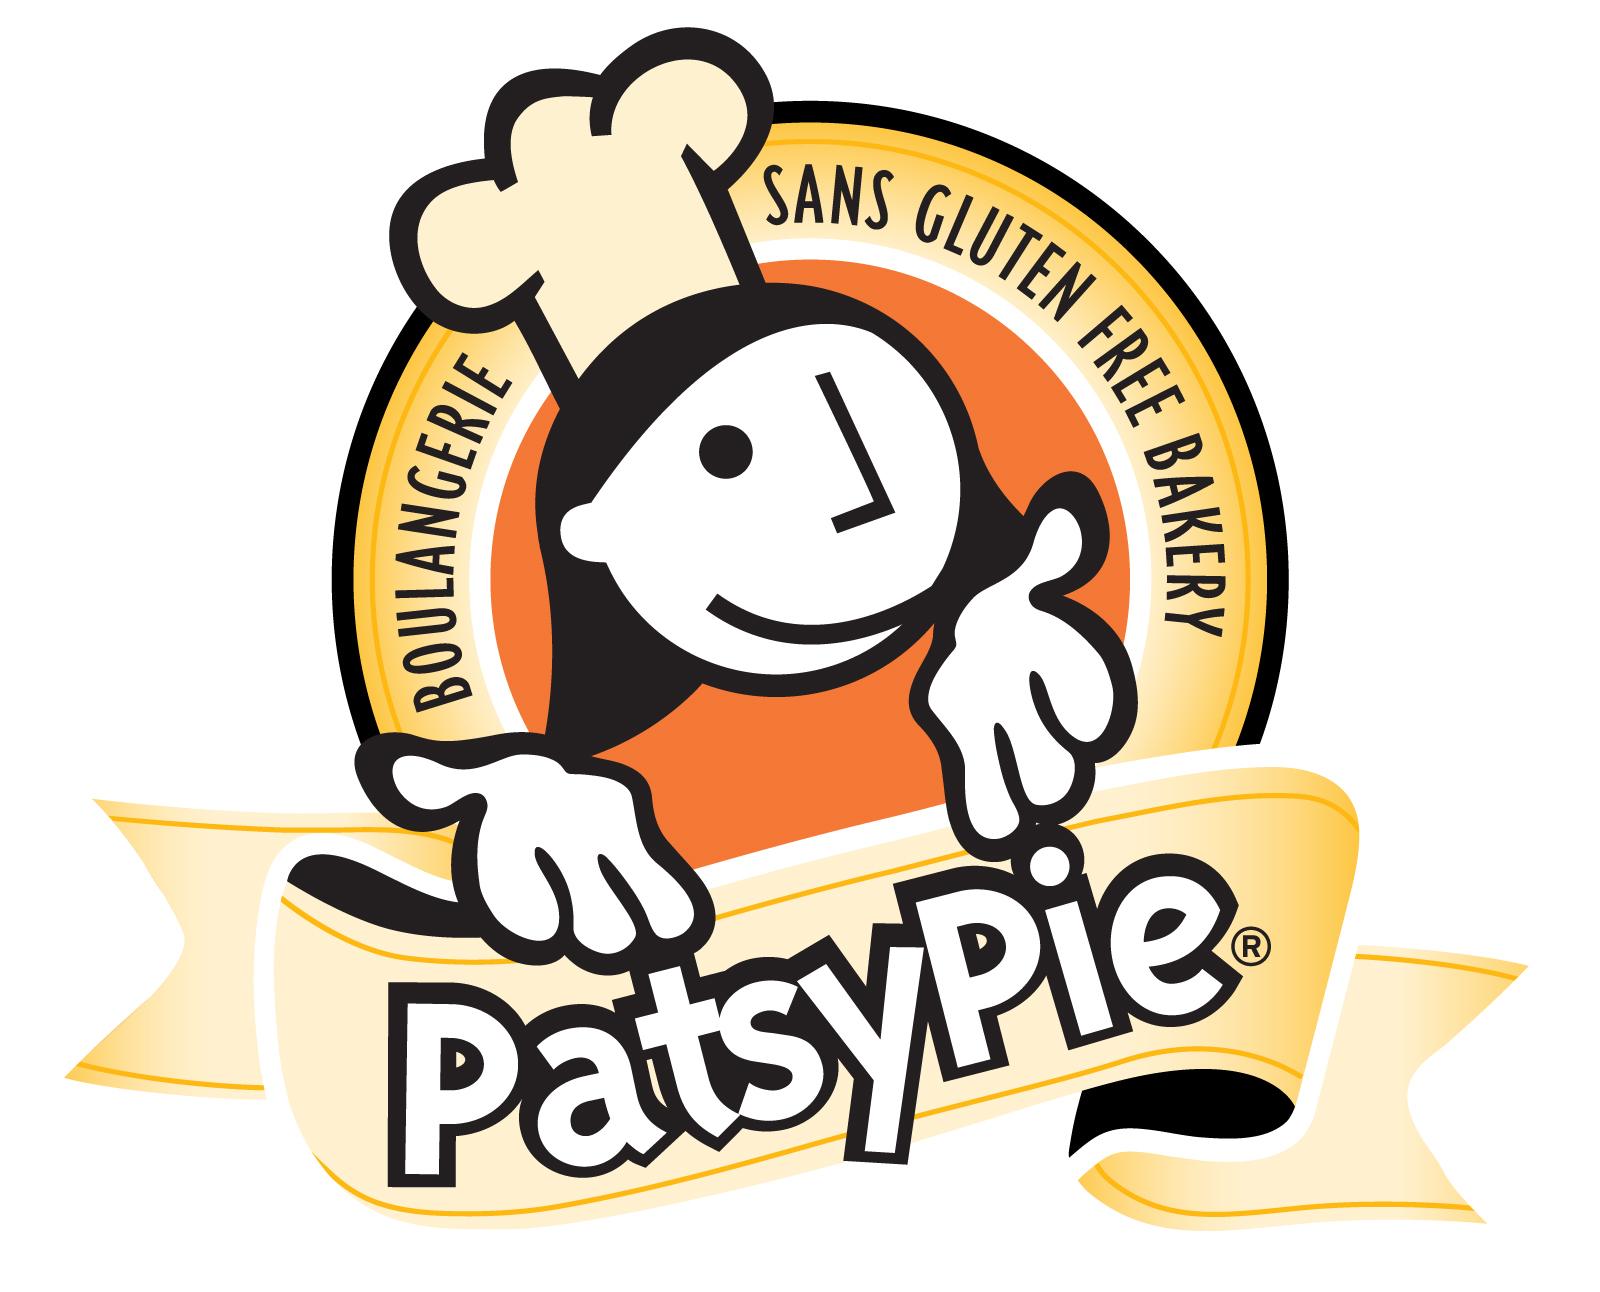 PatsyPie